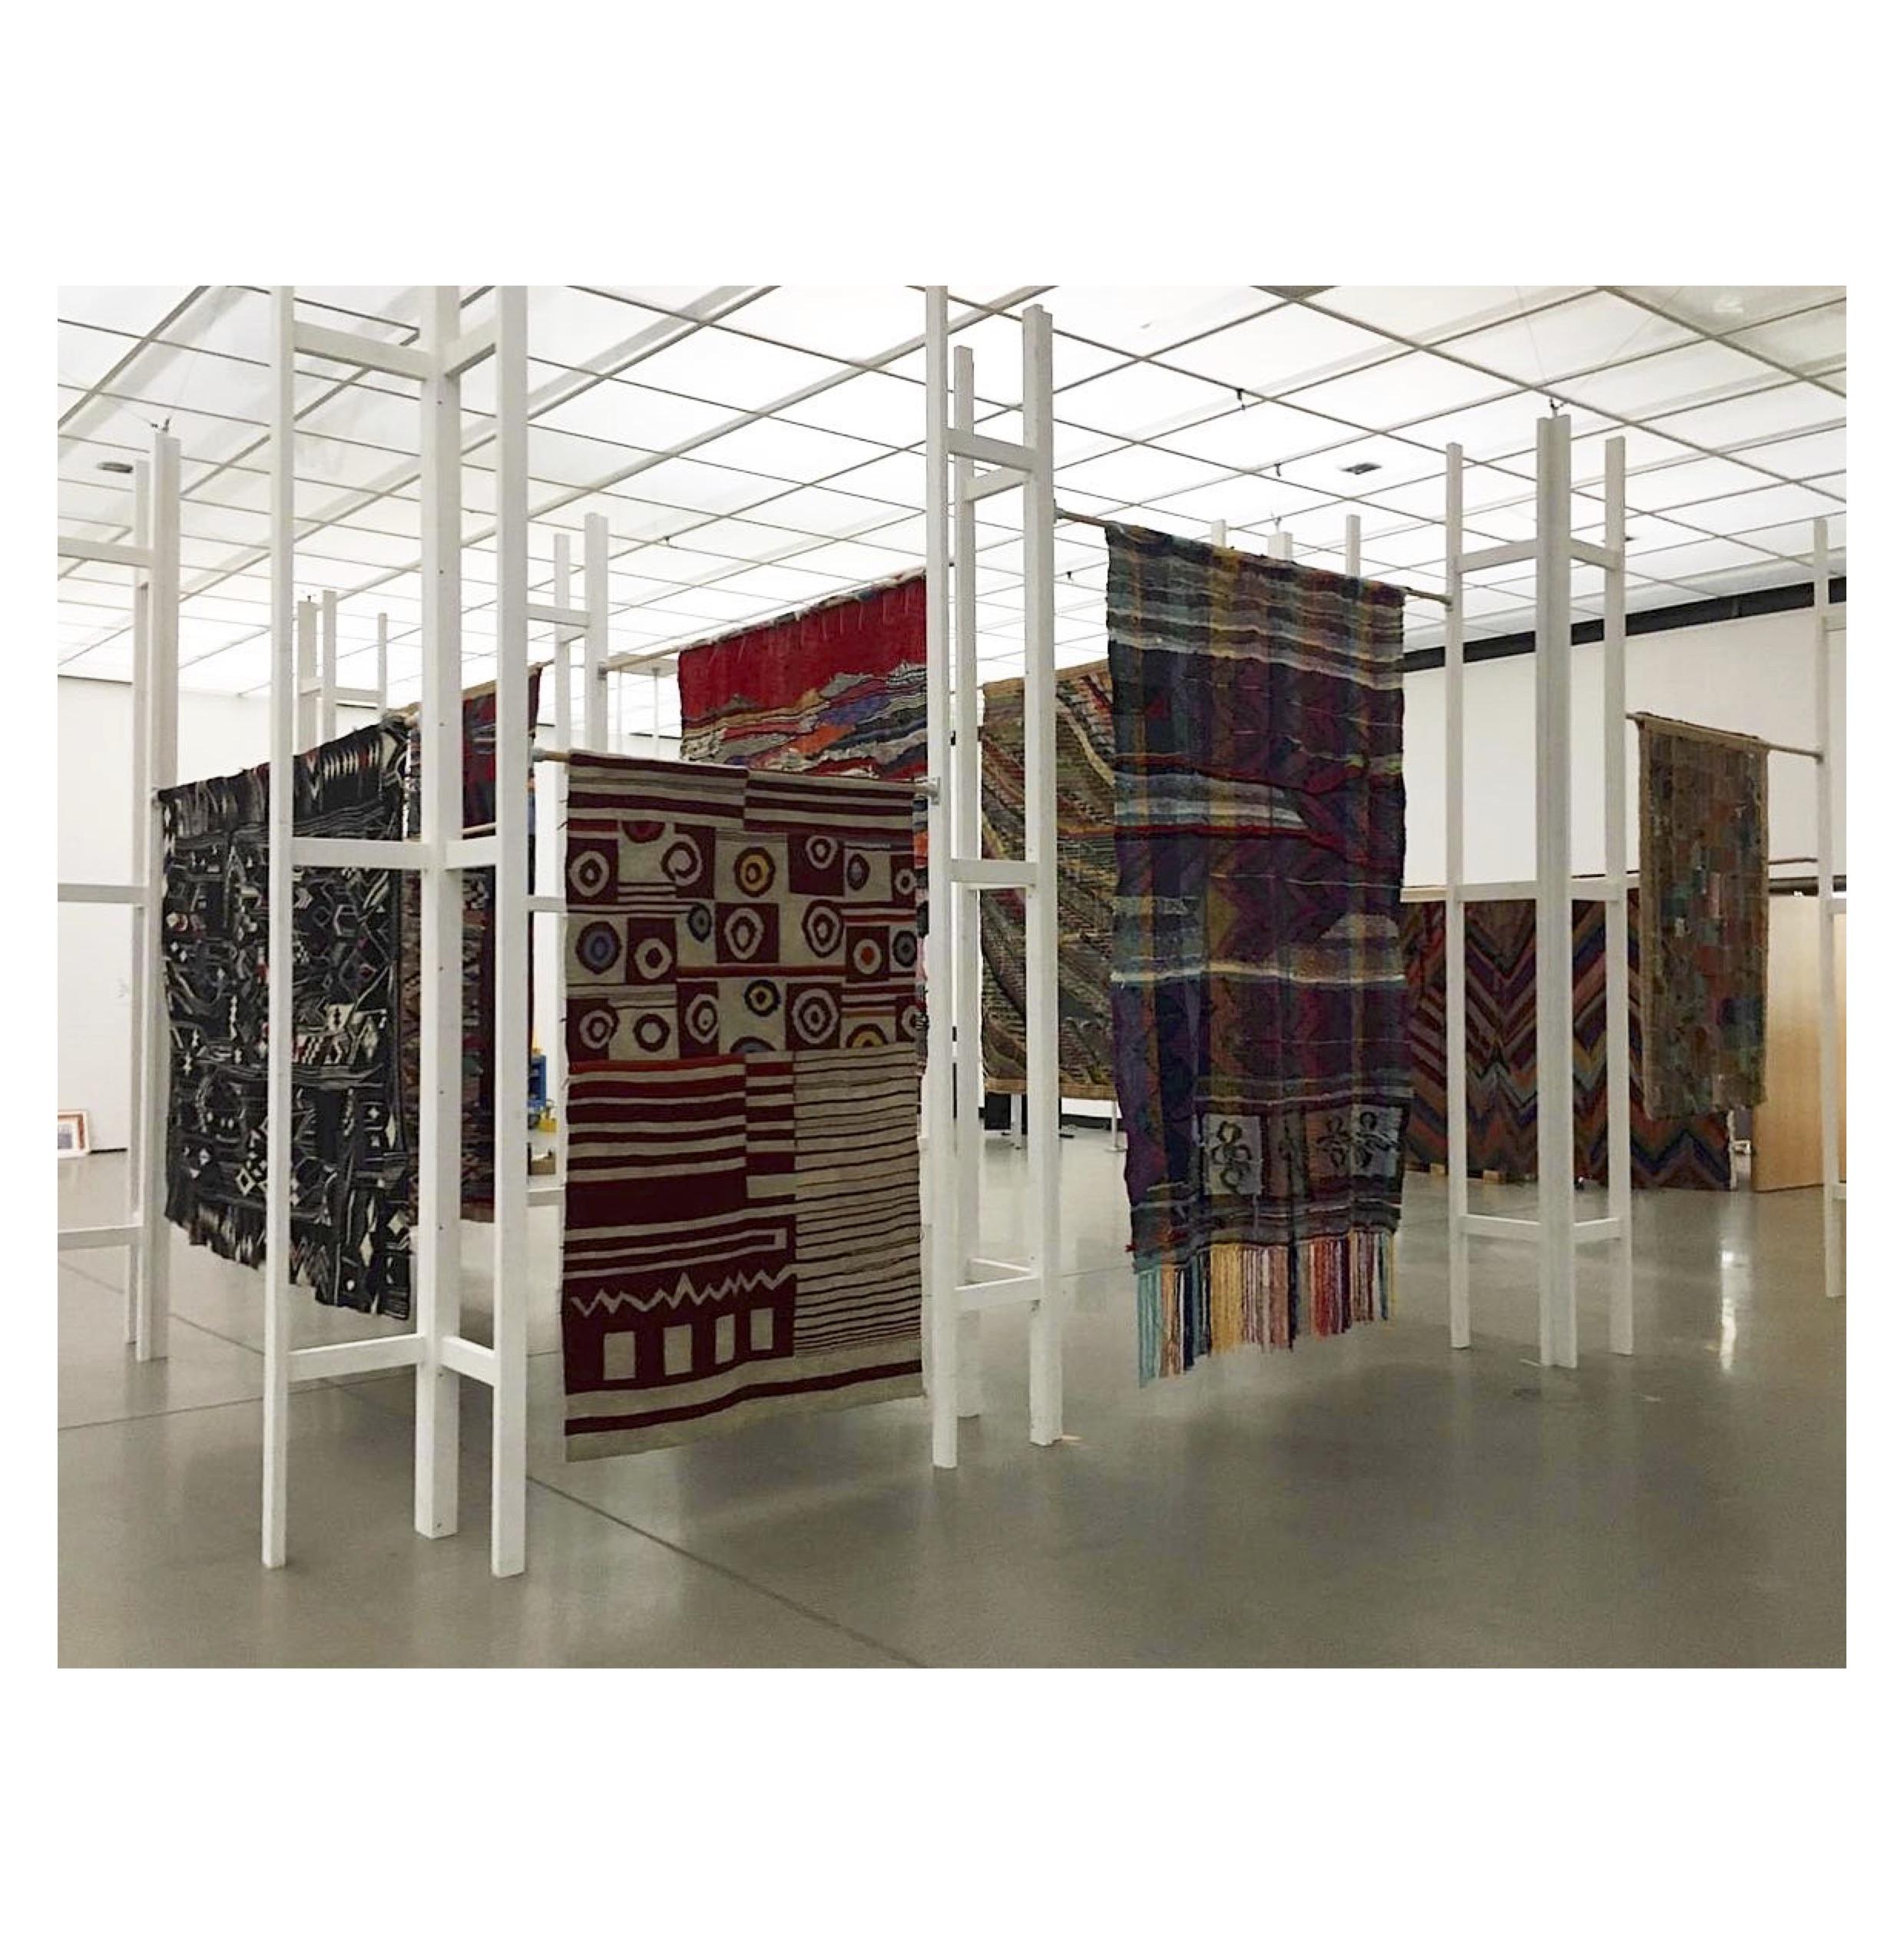 Teresa Lanceta - Exposición:Exhibition - Actually, the Dead Are Not Dead- Una forma de ser. Württembergischer Kunstverein, Stuttgart 2020